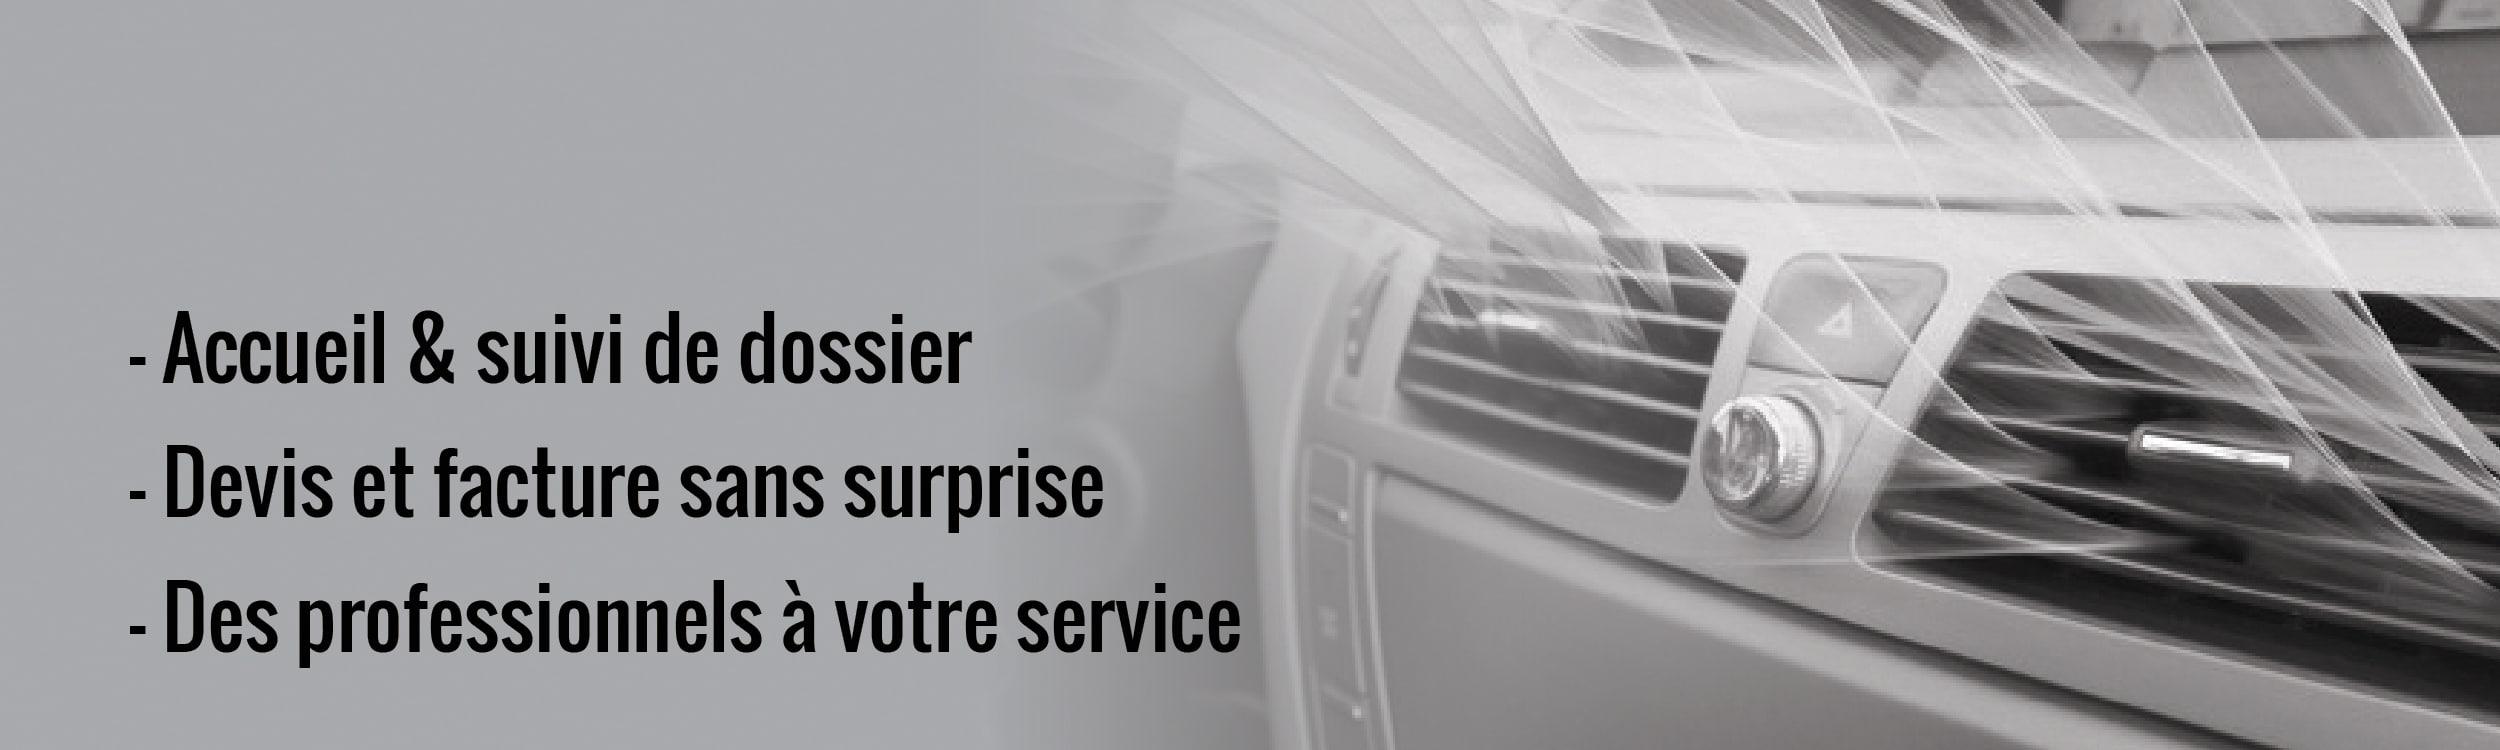 Climatisation, révision auto au garage KER-AUTO à Kervignac sur le secteur de Riantec, Hennebont, Languidic, Inzinzac-Lochrist, Plouhinec et Brandérion.